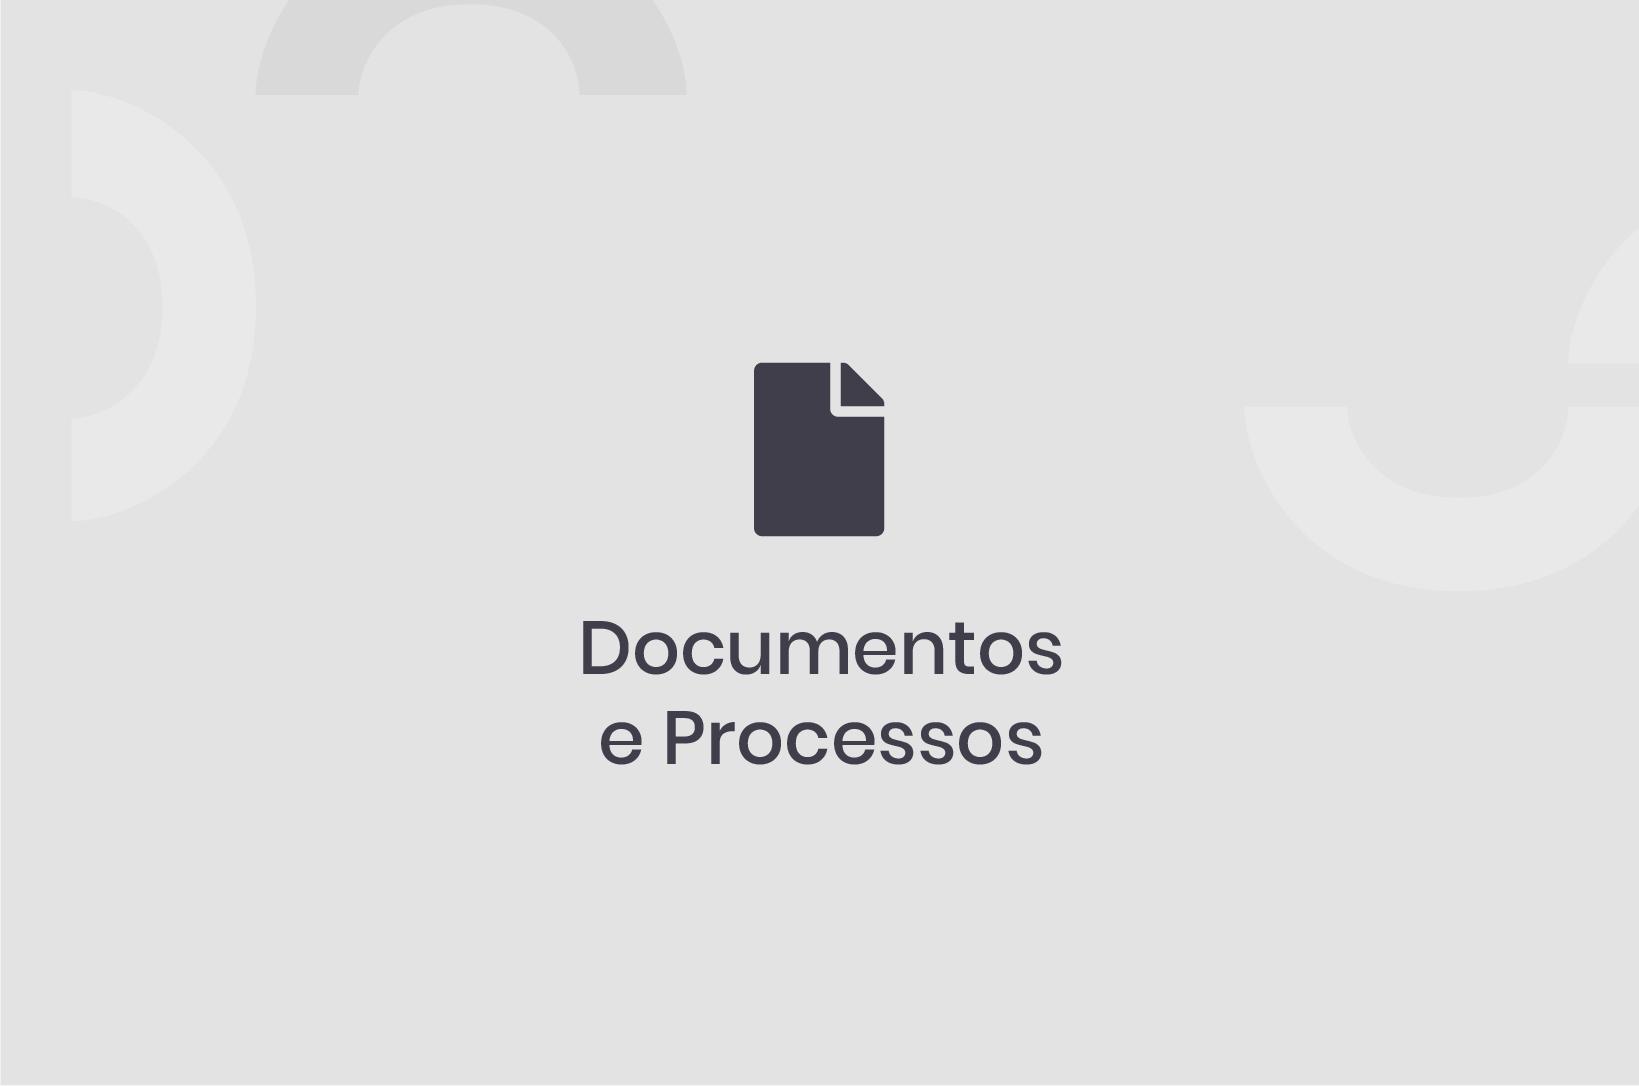 Documentos e Processos